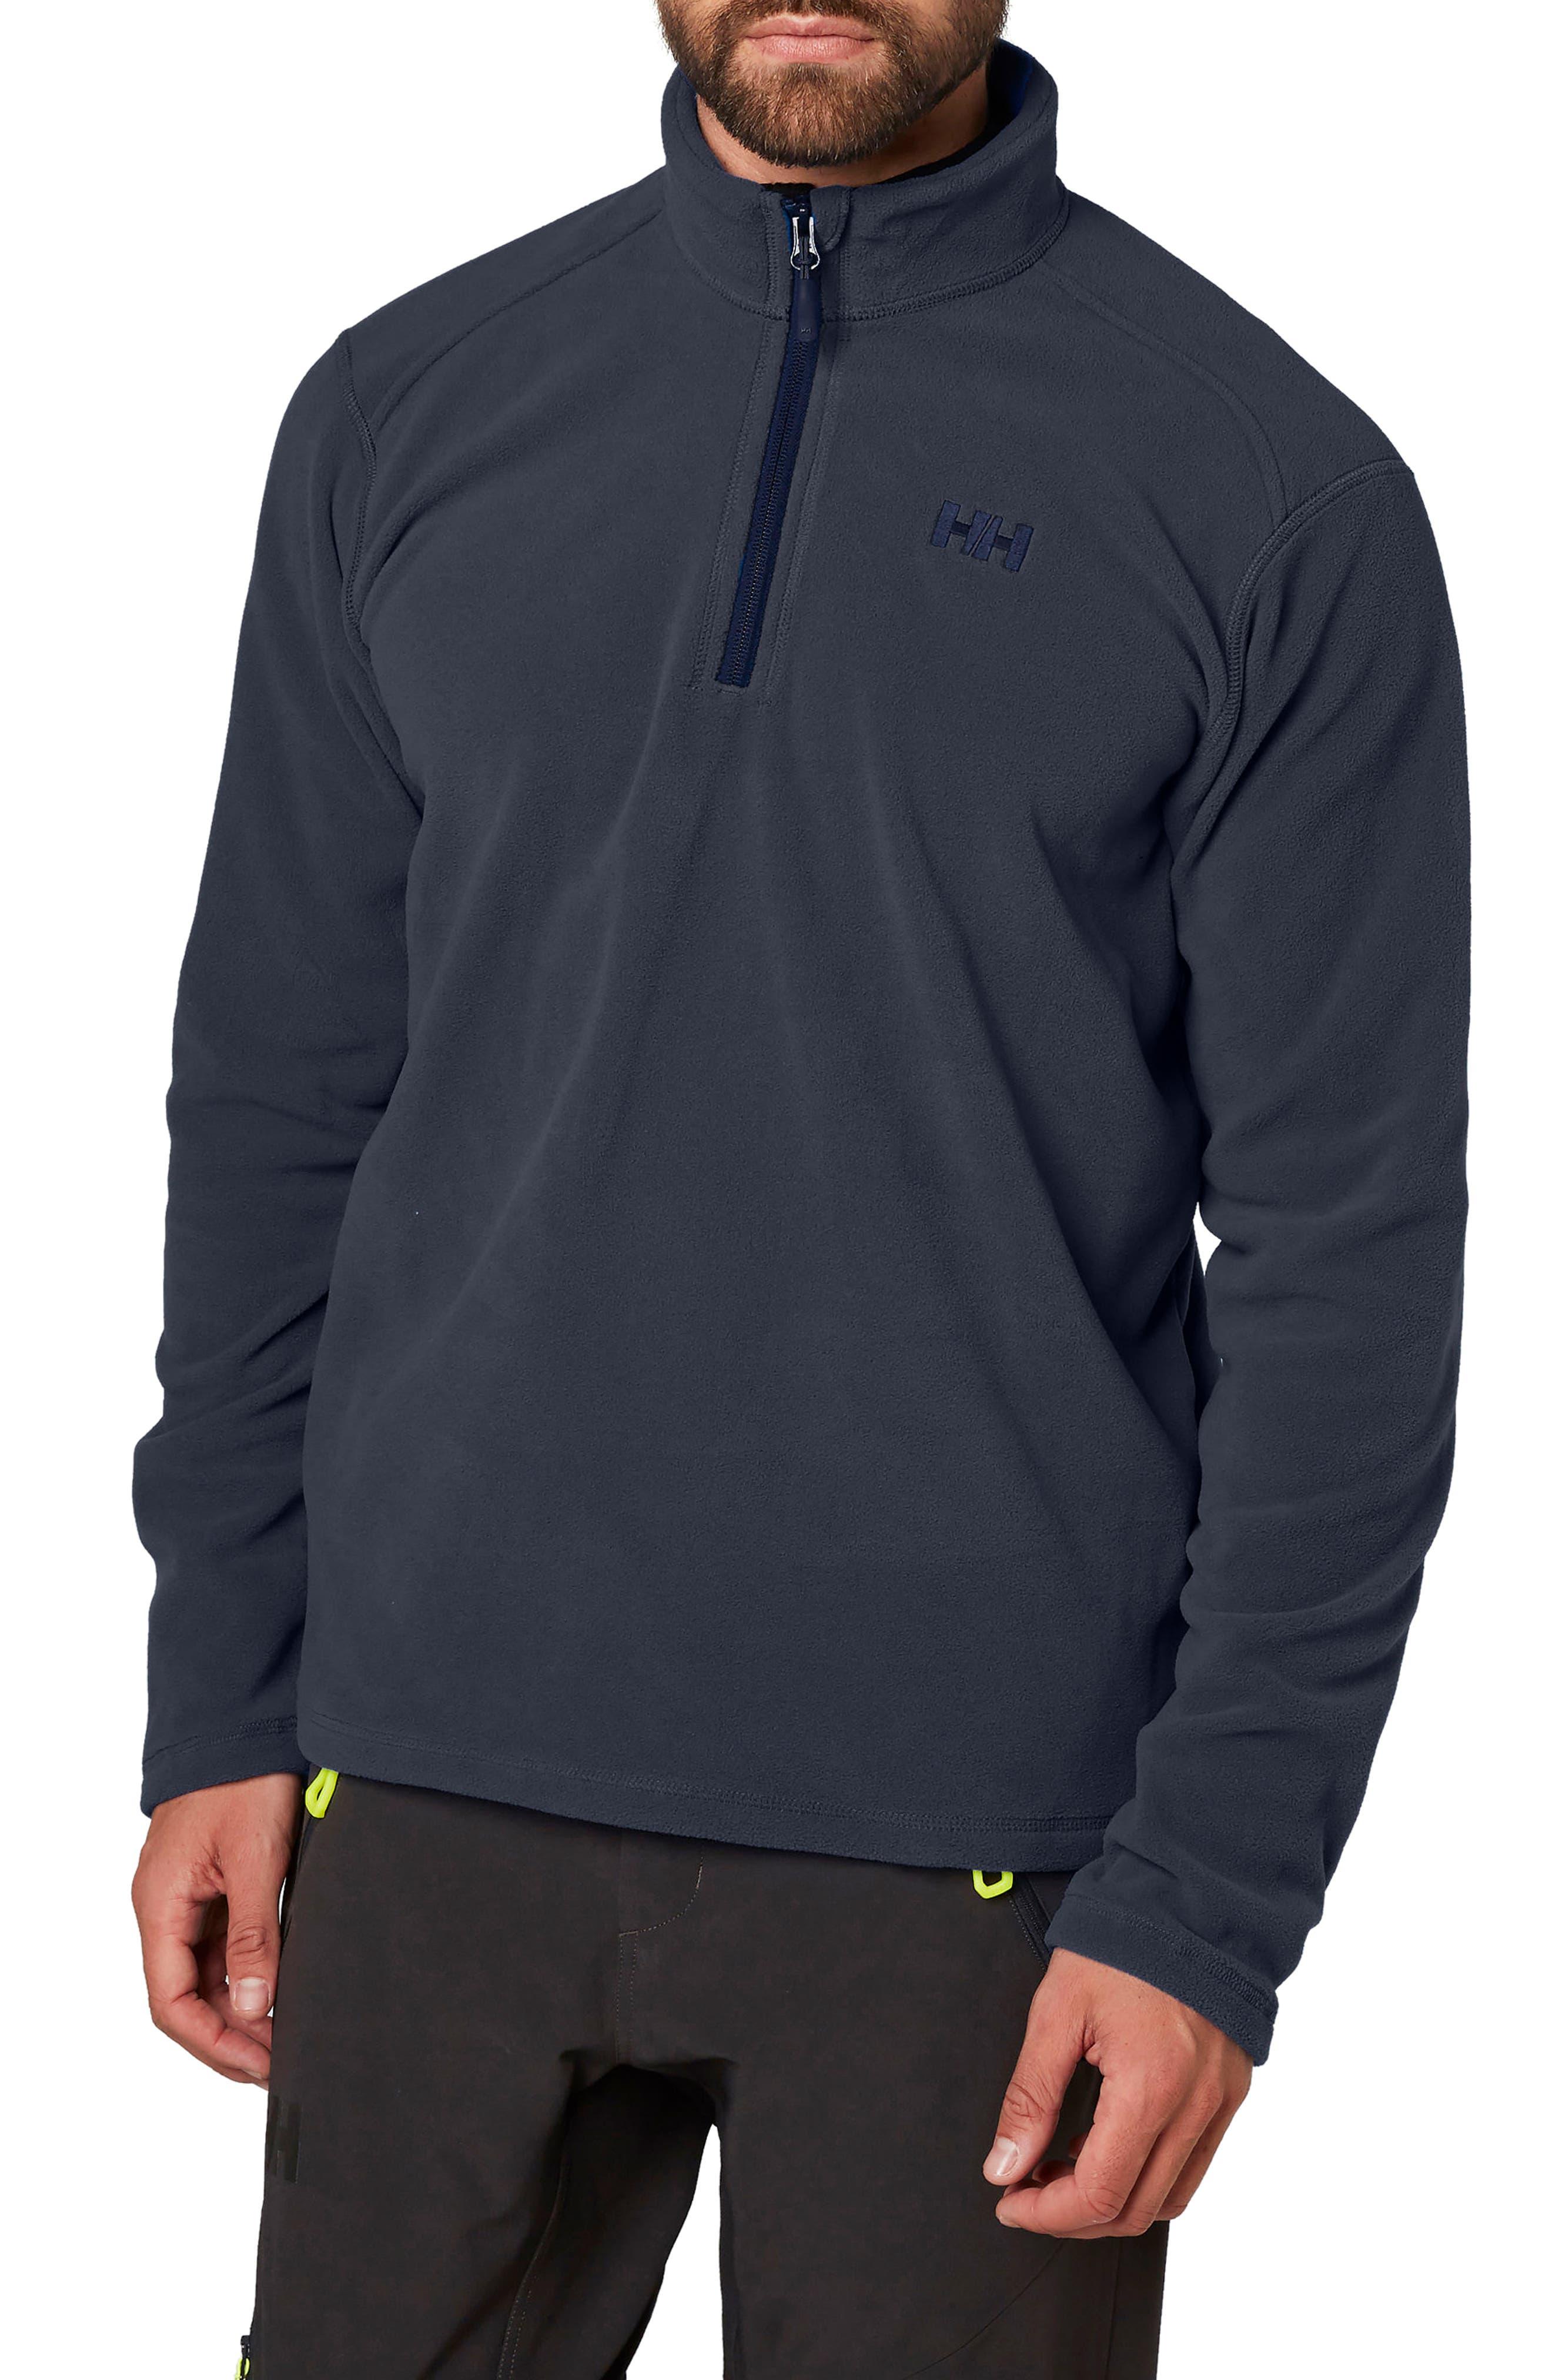 HellyHansen 'Daybreaker' Half Zip Fleece Jacket,                             Main thumbnail 1, color,                             400